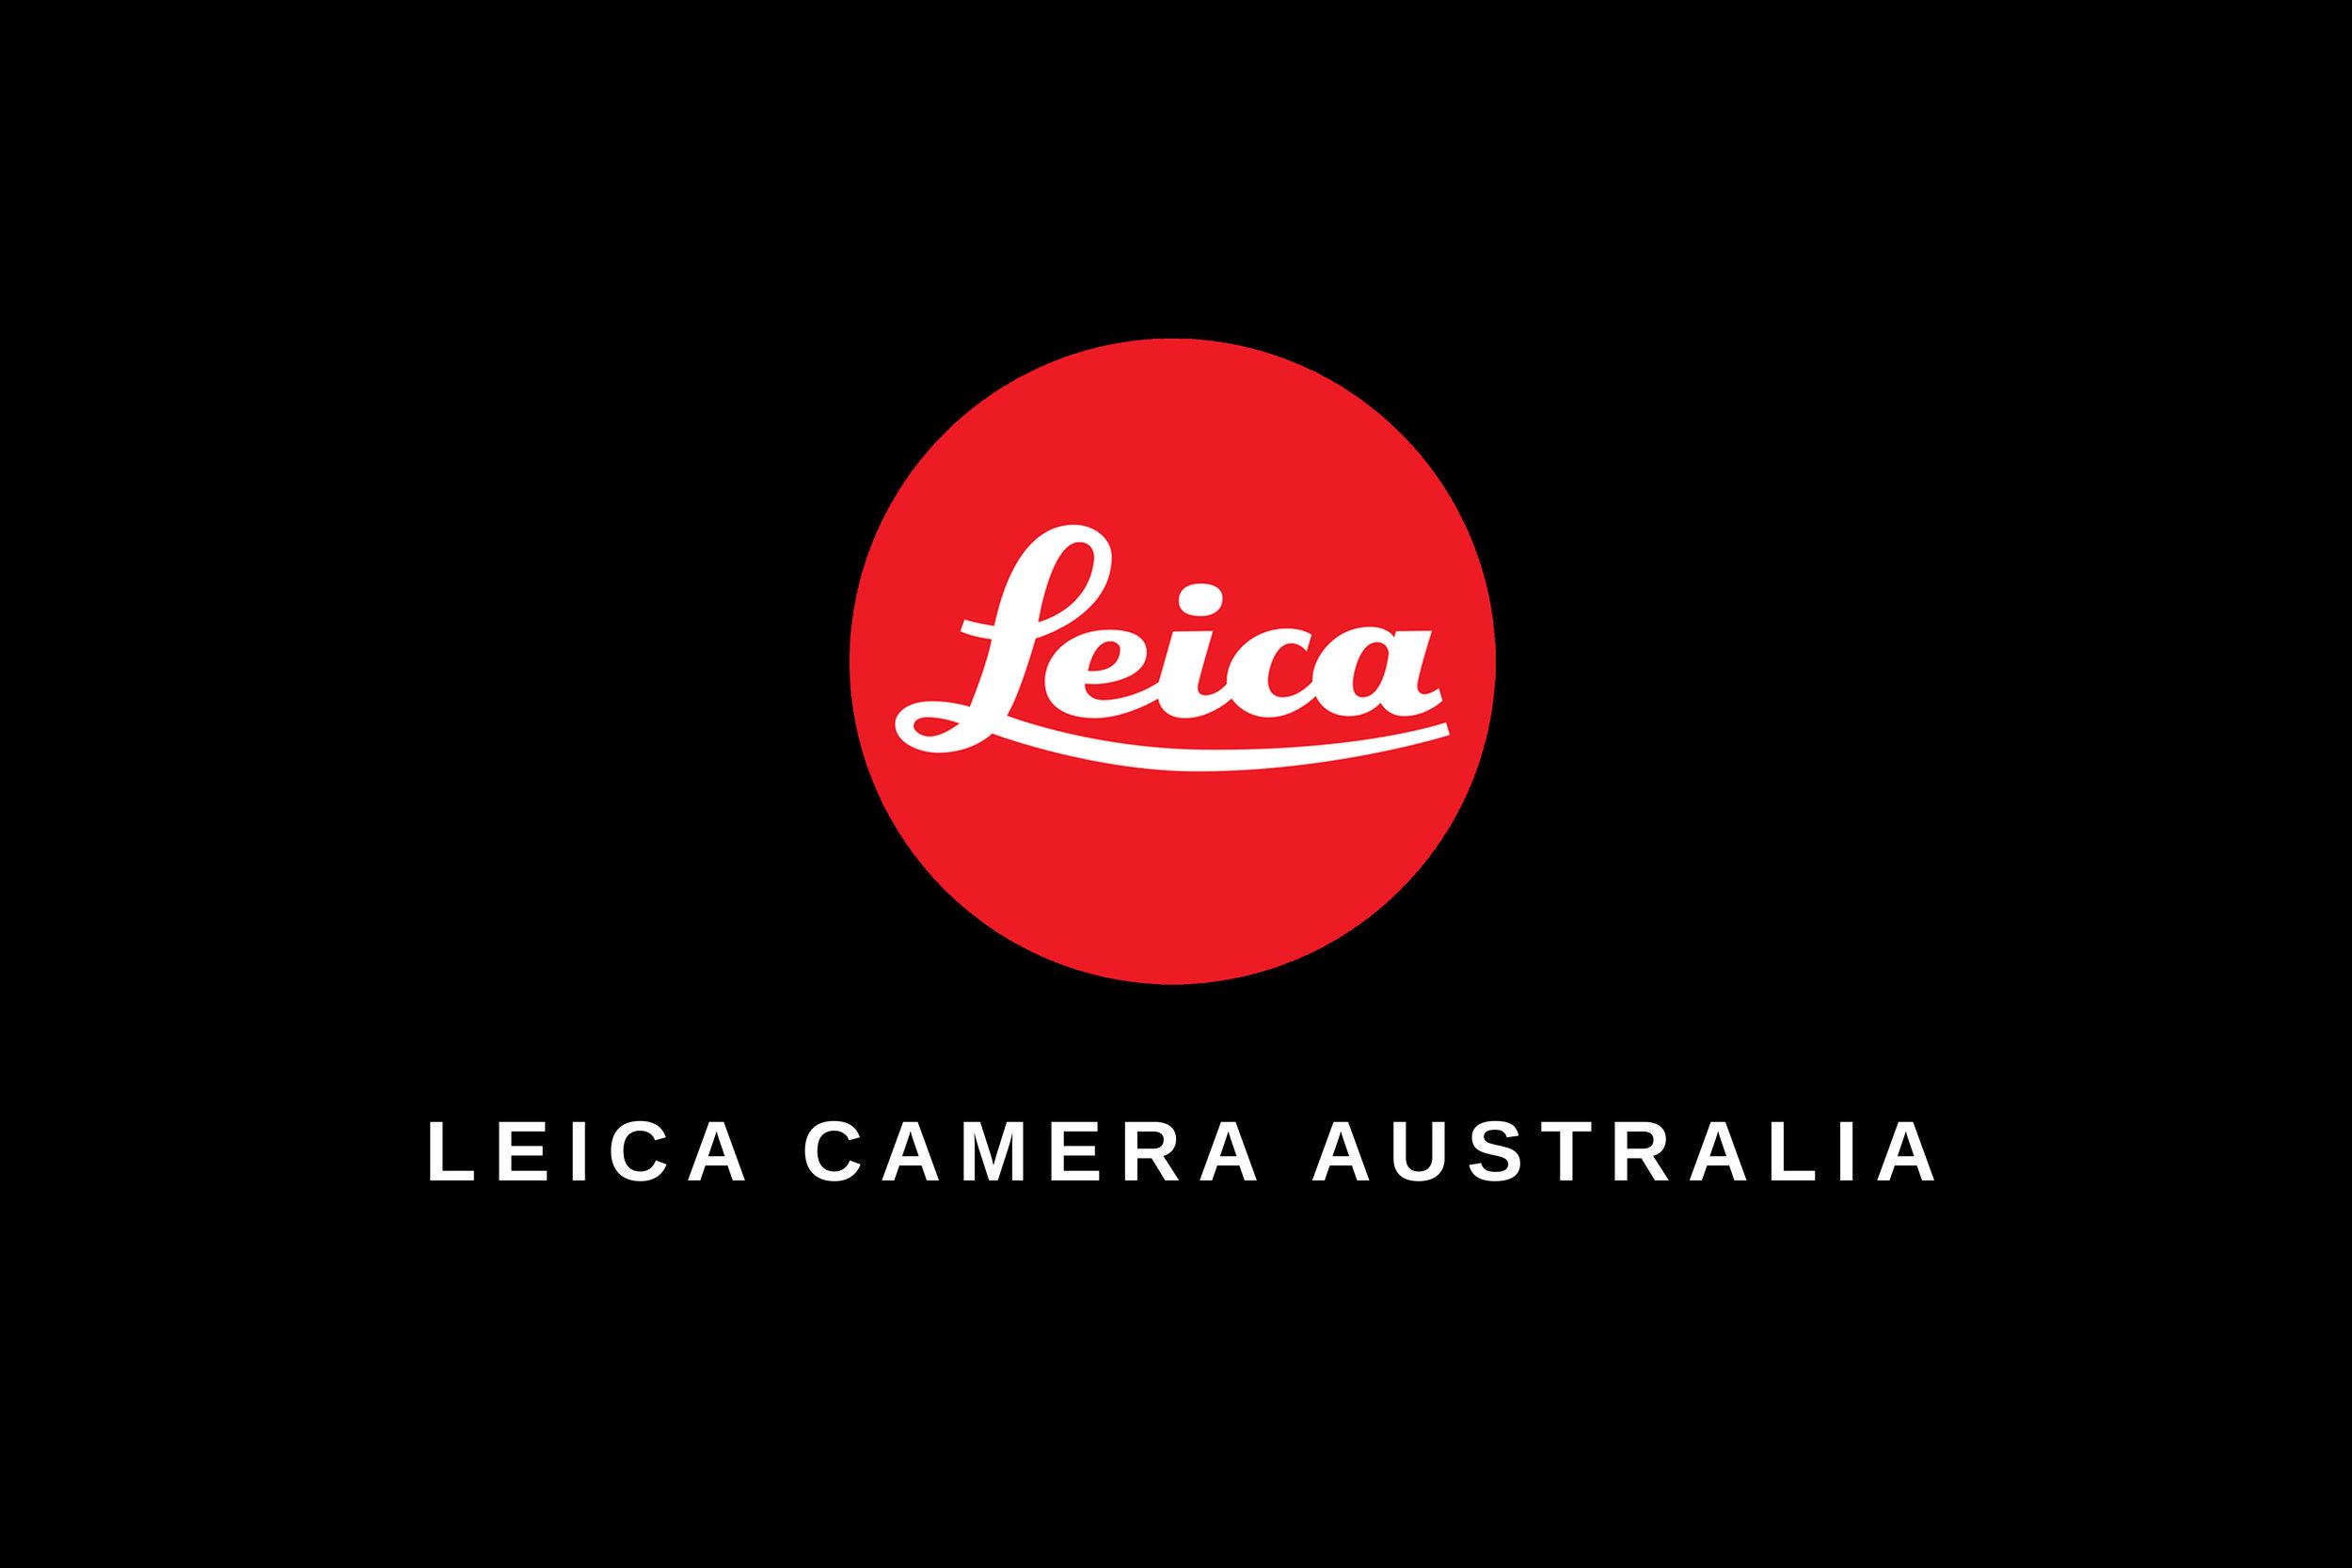 leica-SPONSOR-TILE-BLACK.jpg